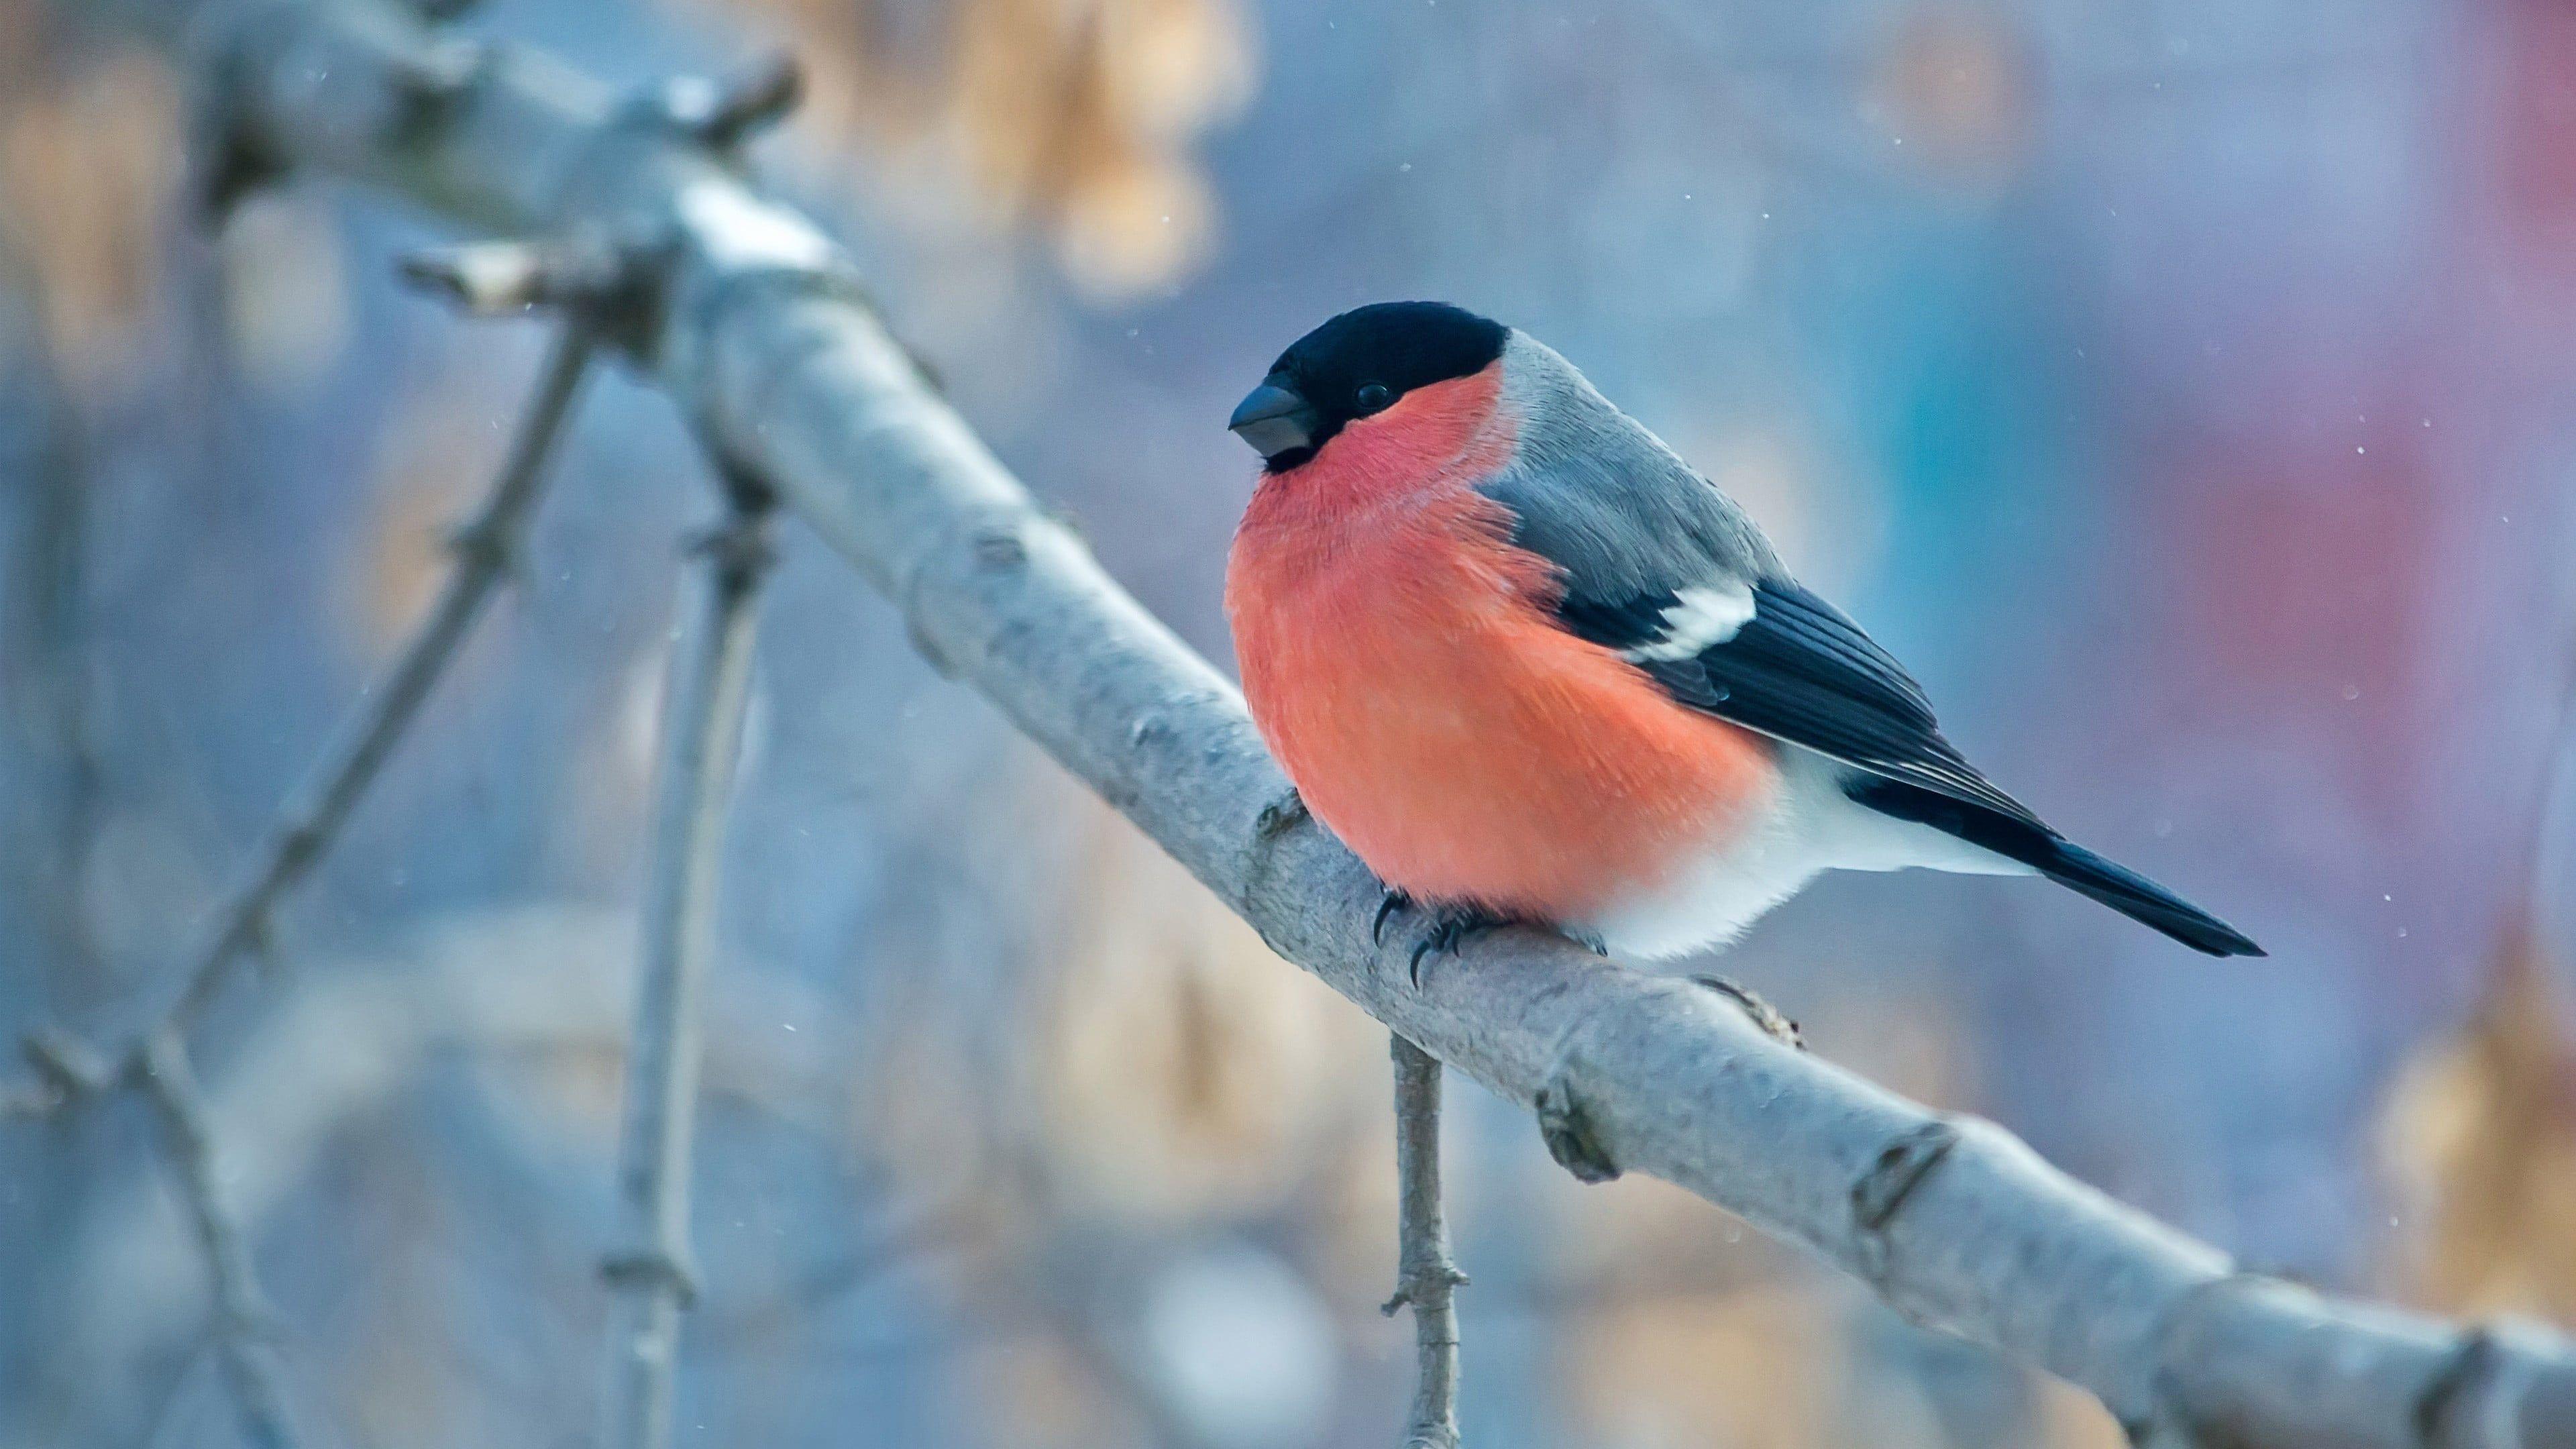 Red And Black Bird Landscape Nature Birds Animals Bullfinch 4k Wallpaper Hdwallpaper Desktop Bird Photo Bird Bullfinch